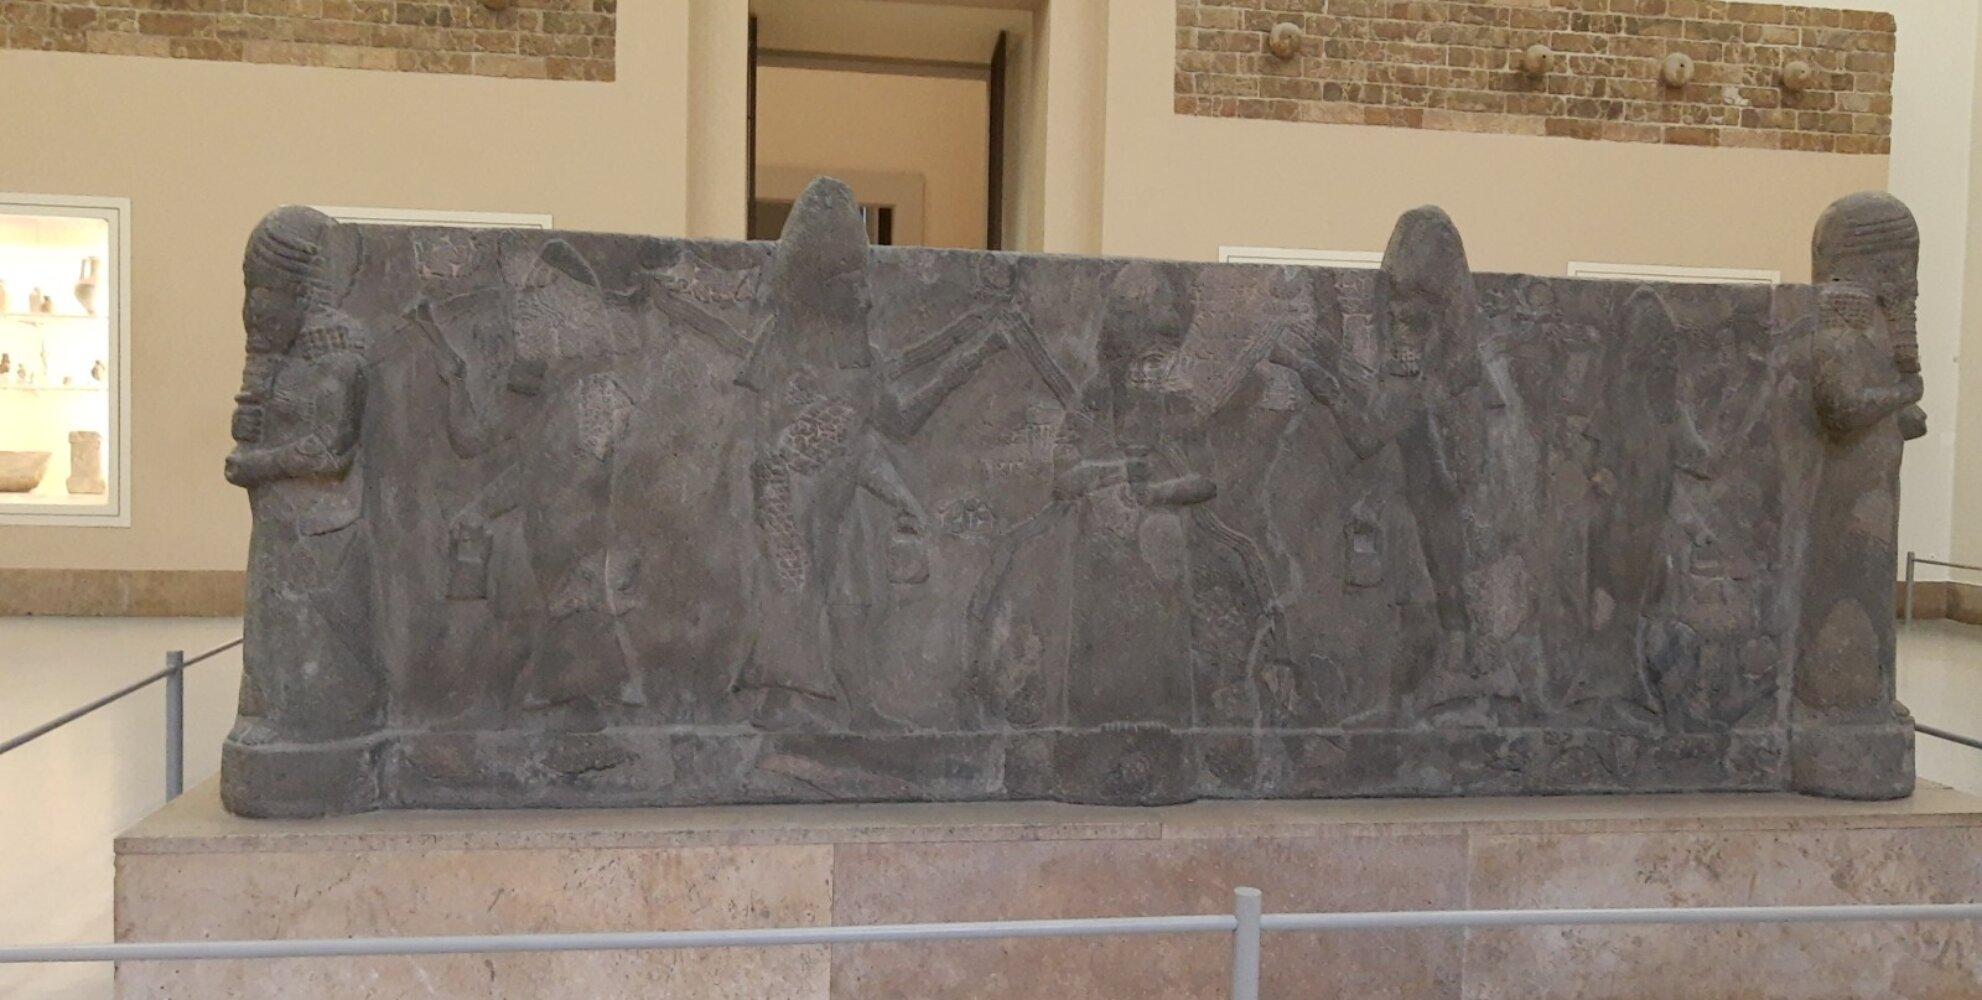 Wasserbecken: Aus Basalt Rekonstruktion Assur Irak 7 Jahundert v. Chr. Fundteilung 1914. Das bereits im Altertum zerstörte Wasserbocken wurde von Walter Andrae rekonstruiert Abbgebildet sind Wassergötter mit übersprudelnden Gefäßen.